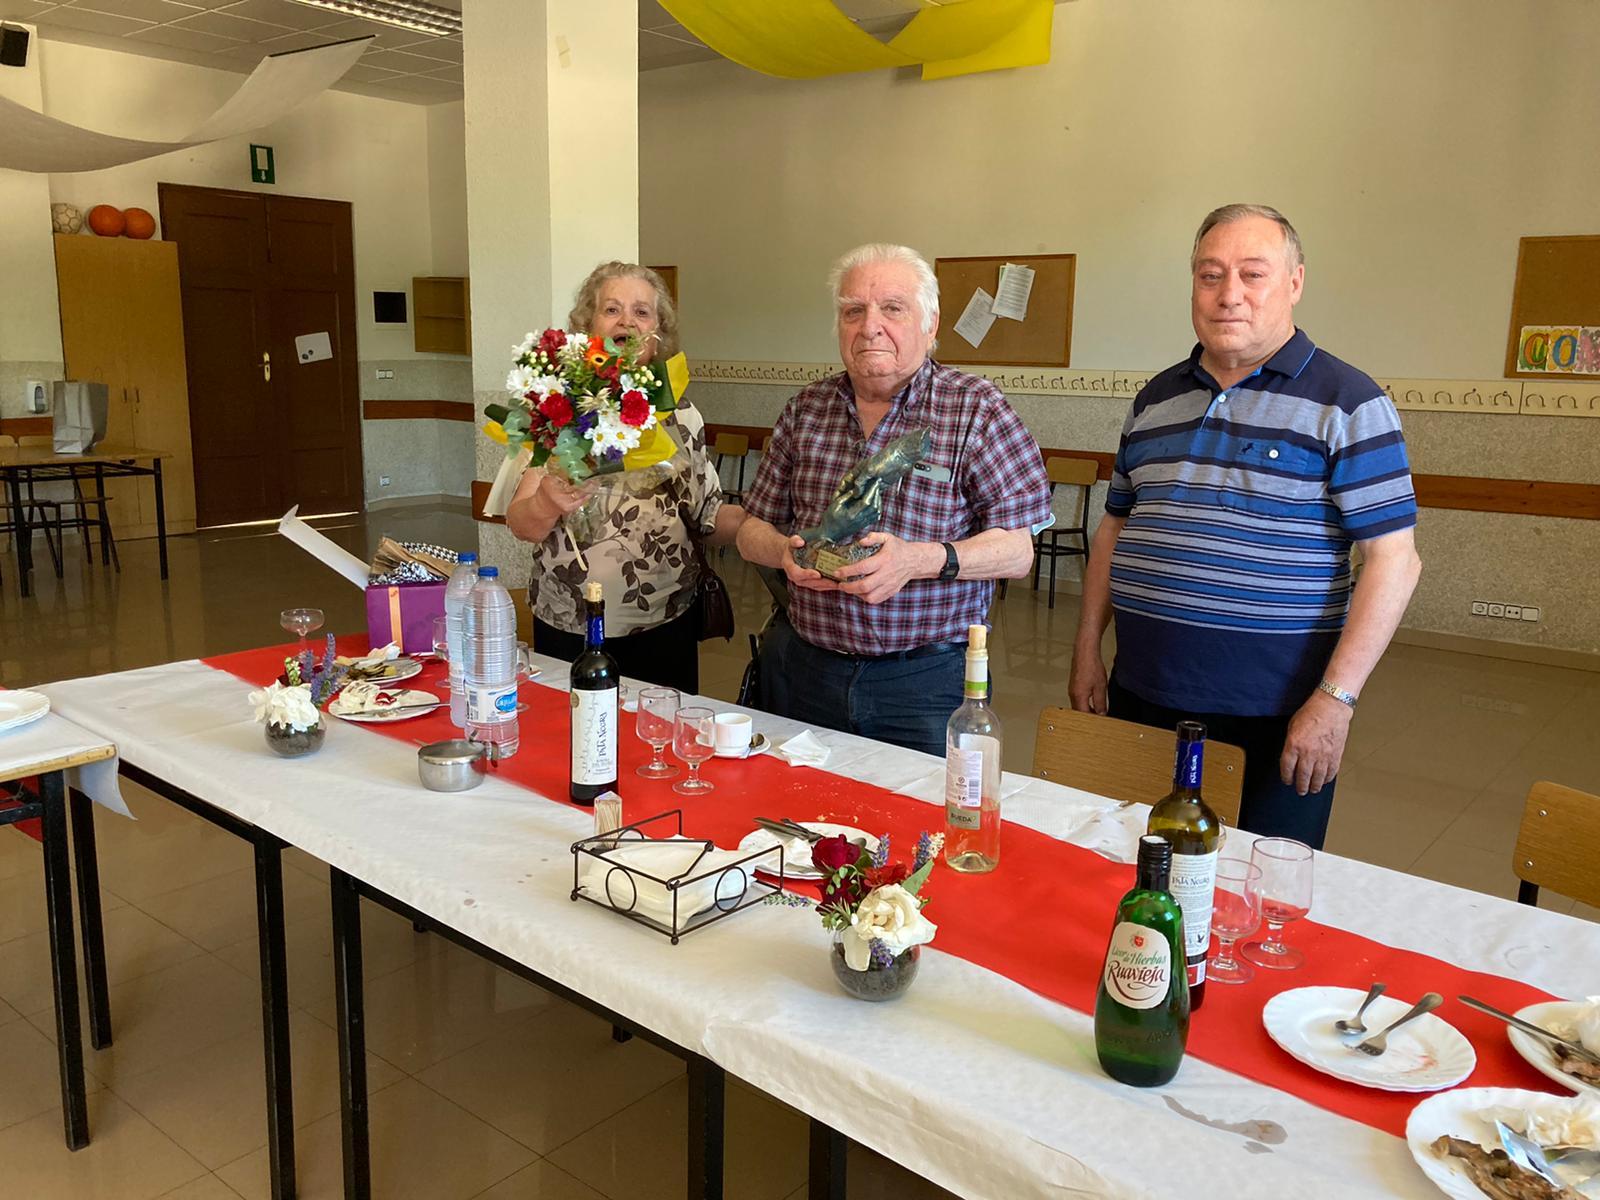 La comunidad de Agustinos de Salamanca celebra una misa de acción de gracias por los 58 años de servicio a la comunidad del doctor Gonzalo Merino.